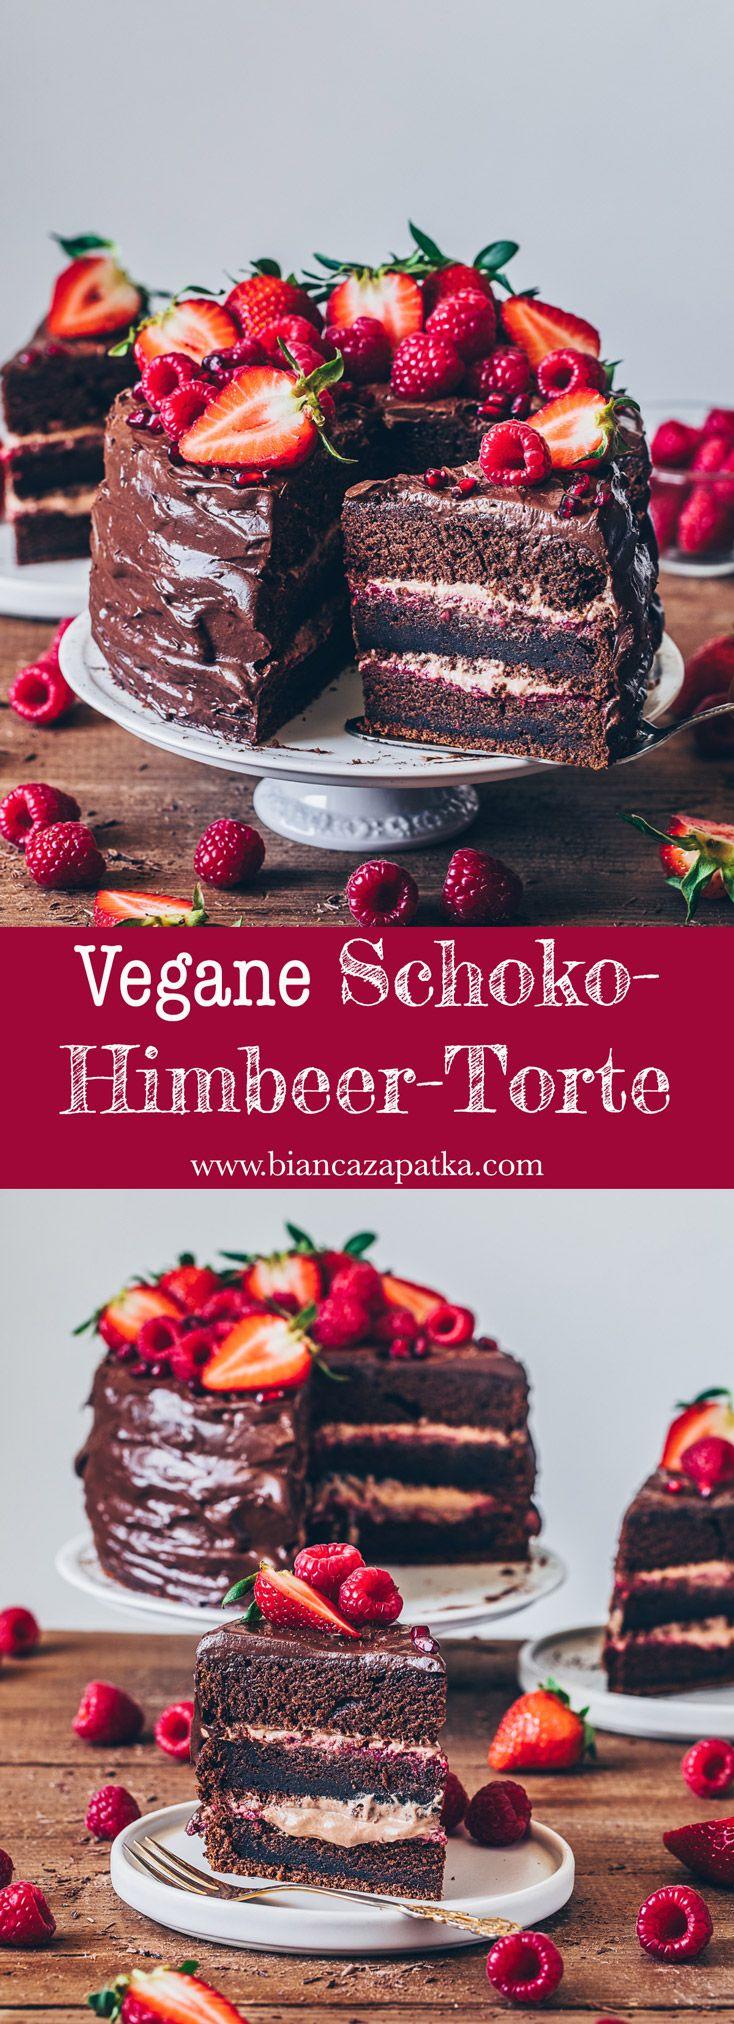 Schoko-Himbeer-Torte mit Erdbeeren - Vegan - Bianca Zapatka | Rezepte